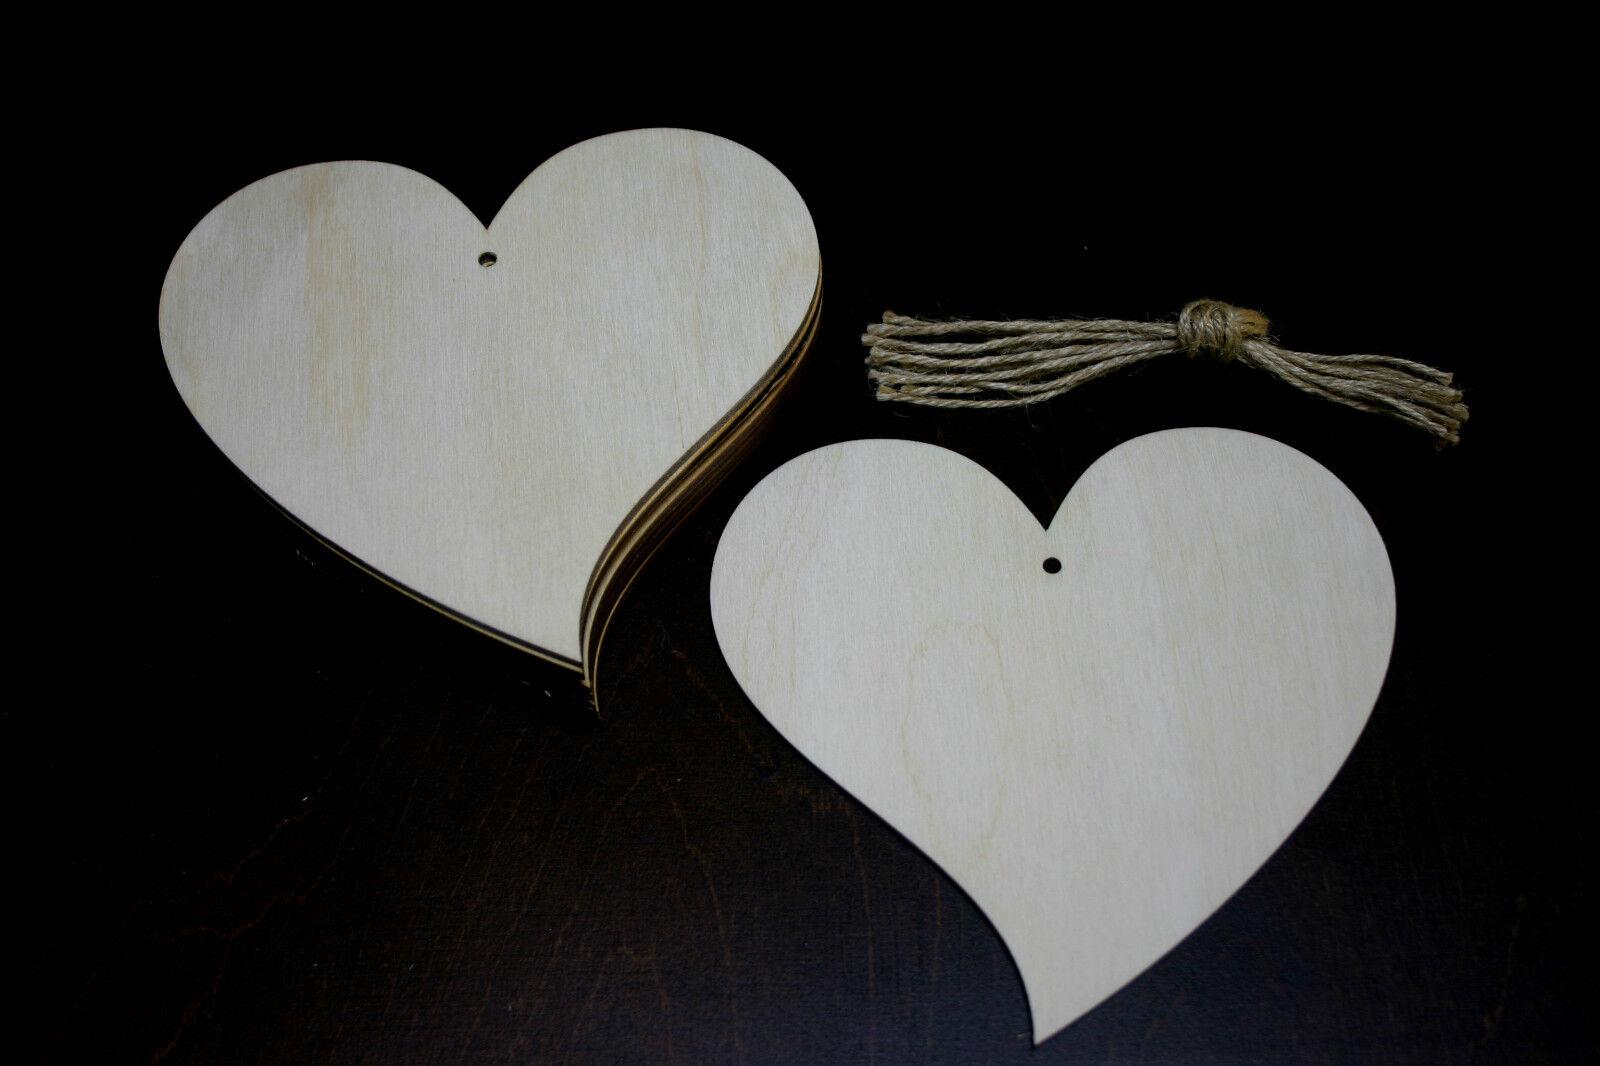 10 Stk Holzherzen 9cm Herzen aus Holz Dekoherzen Hochzeitsdeko Decoupage !! 2